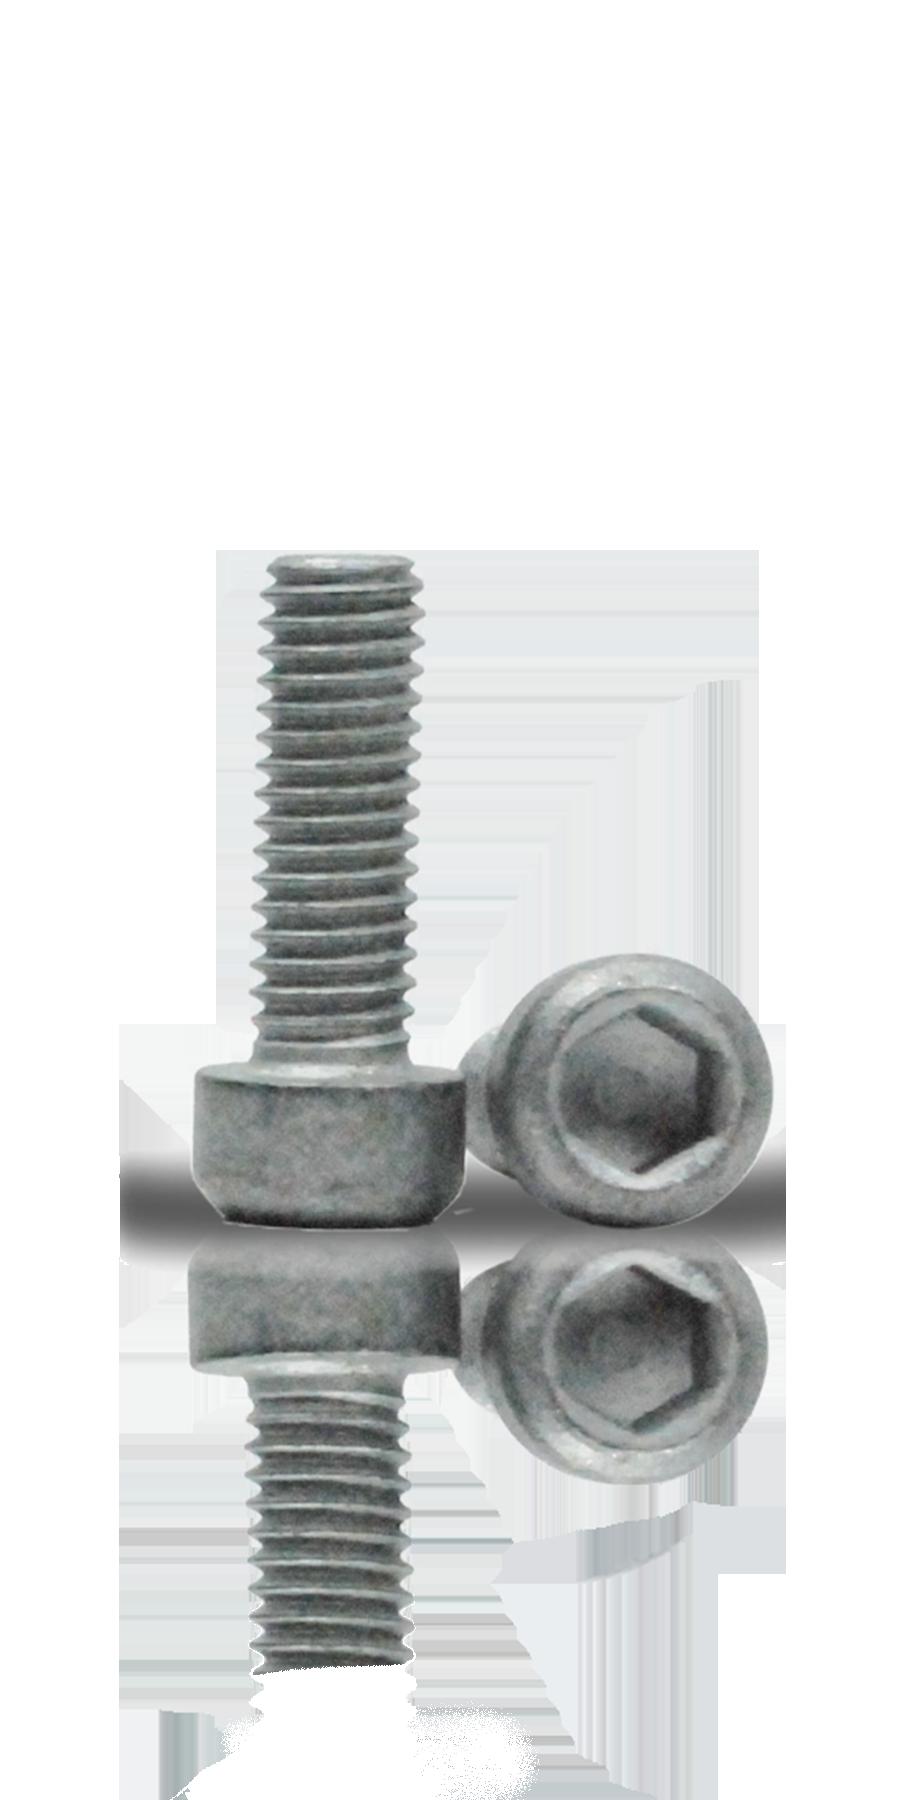 Viti per accessori alluminio 2